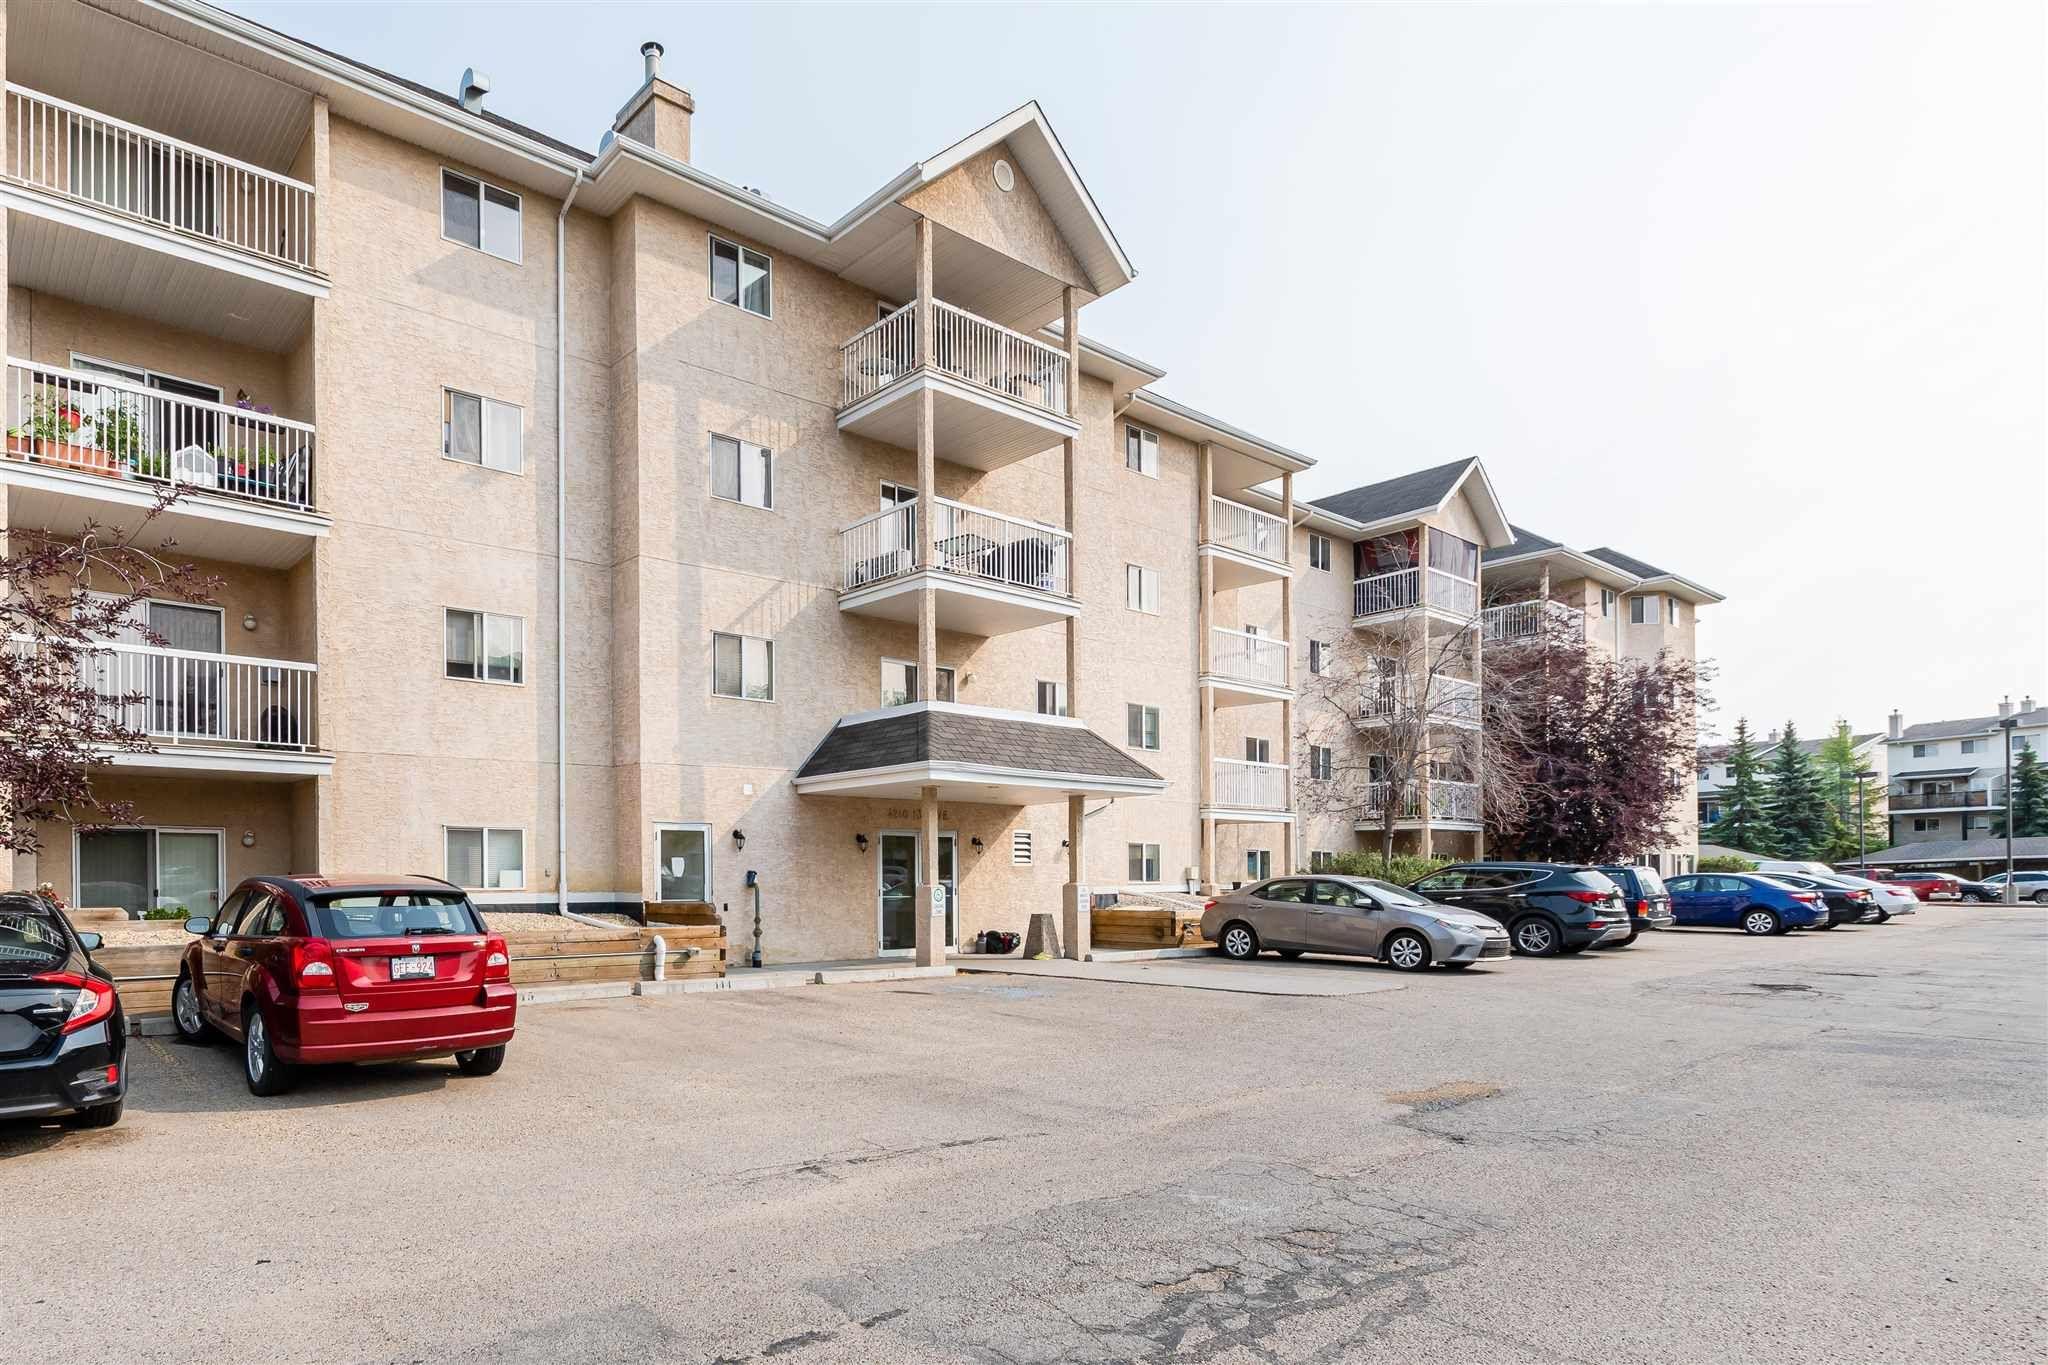 Main Photo: 124 4210 139 Avenue in Edmonton: Zone 35 Condo for sale : MLS®# E4254352